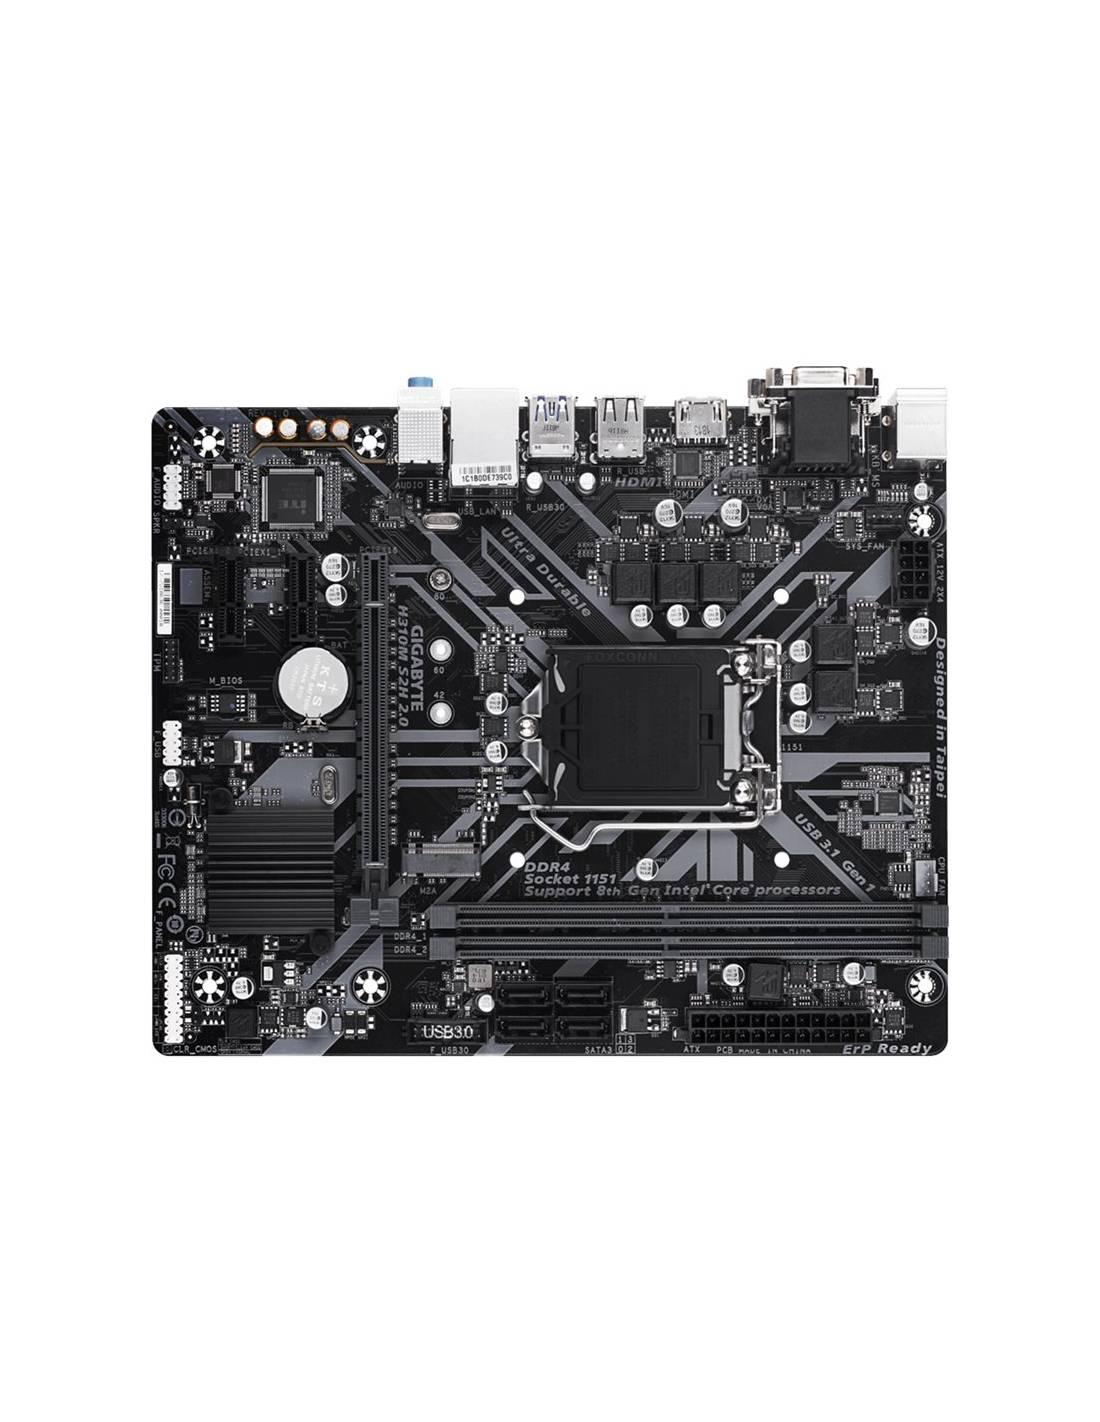 Placa base Gigabyte H310M S2H 2.0 Intel LGA 1151